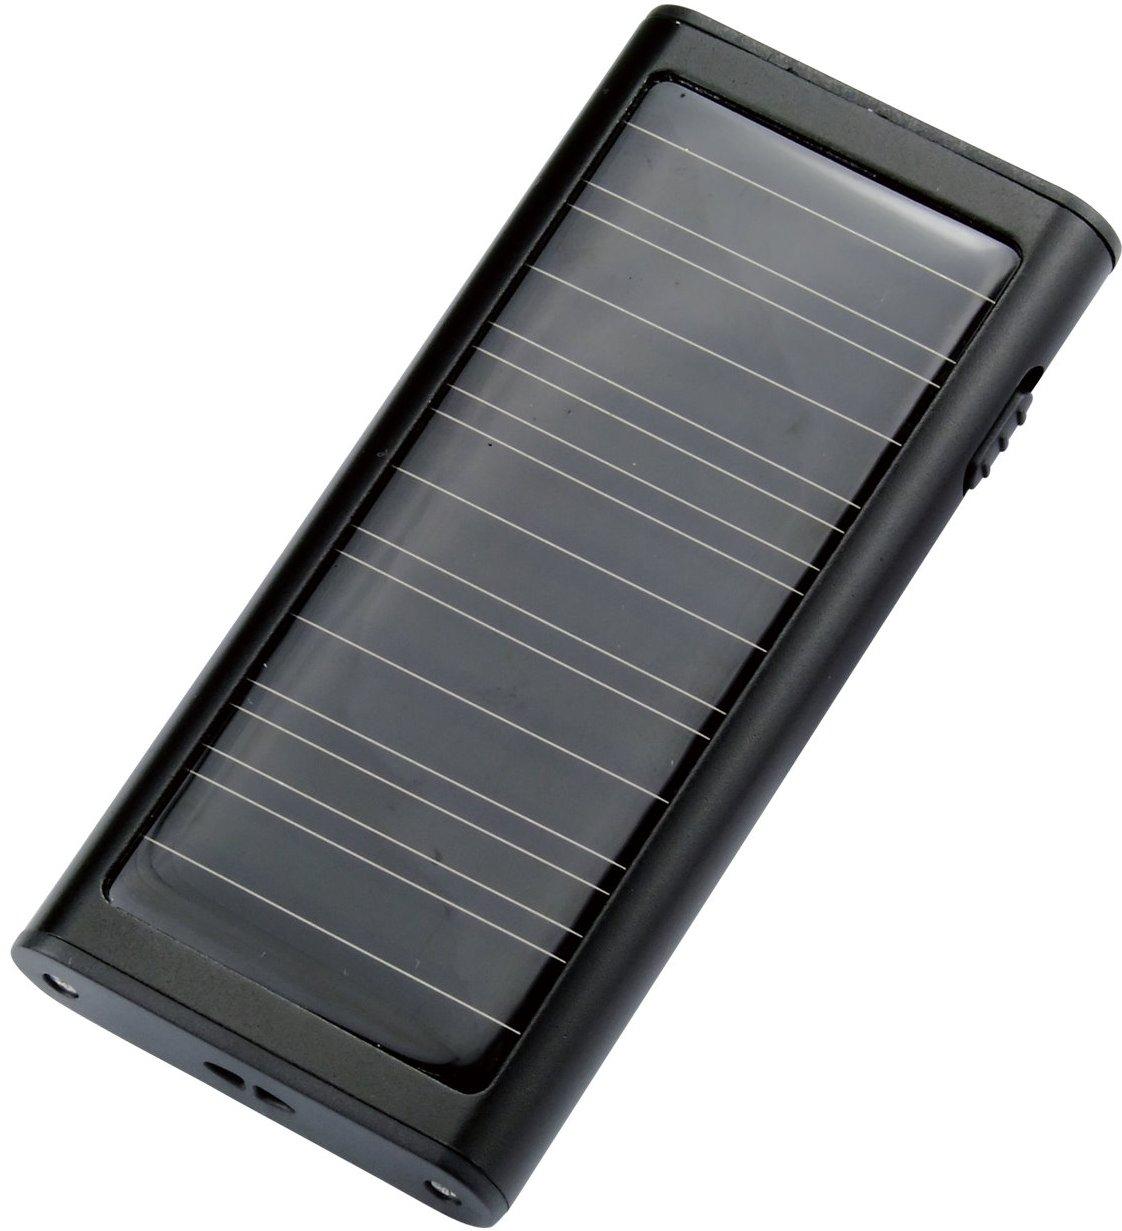 Фото портативного зарядного устройства Универсальное зарядное устройство на солнечных батареях для Canon PowerShot...